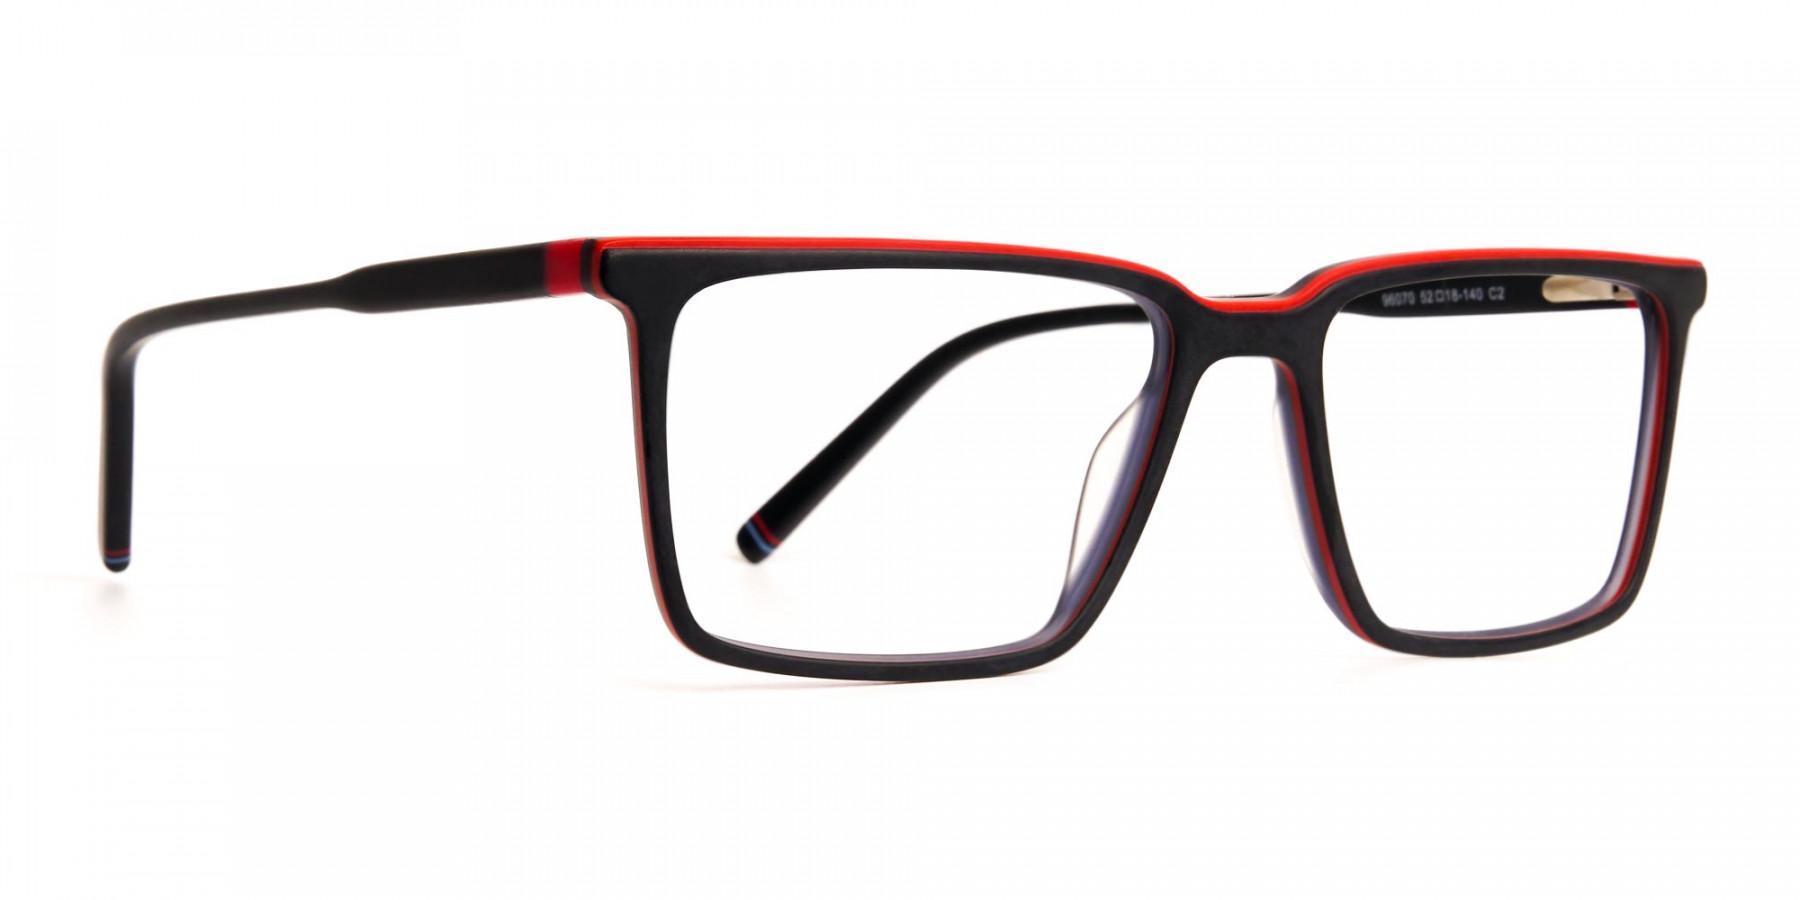 black-and-red-rectangular-glasses-frames-1